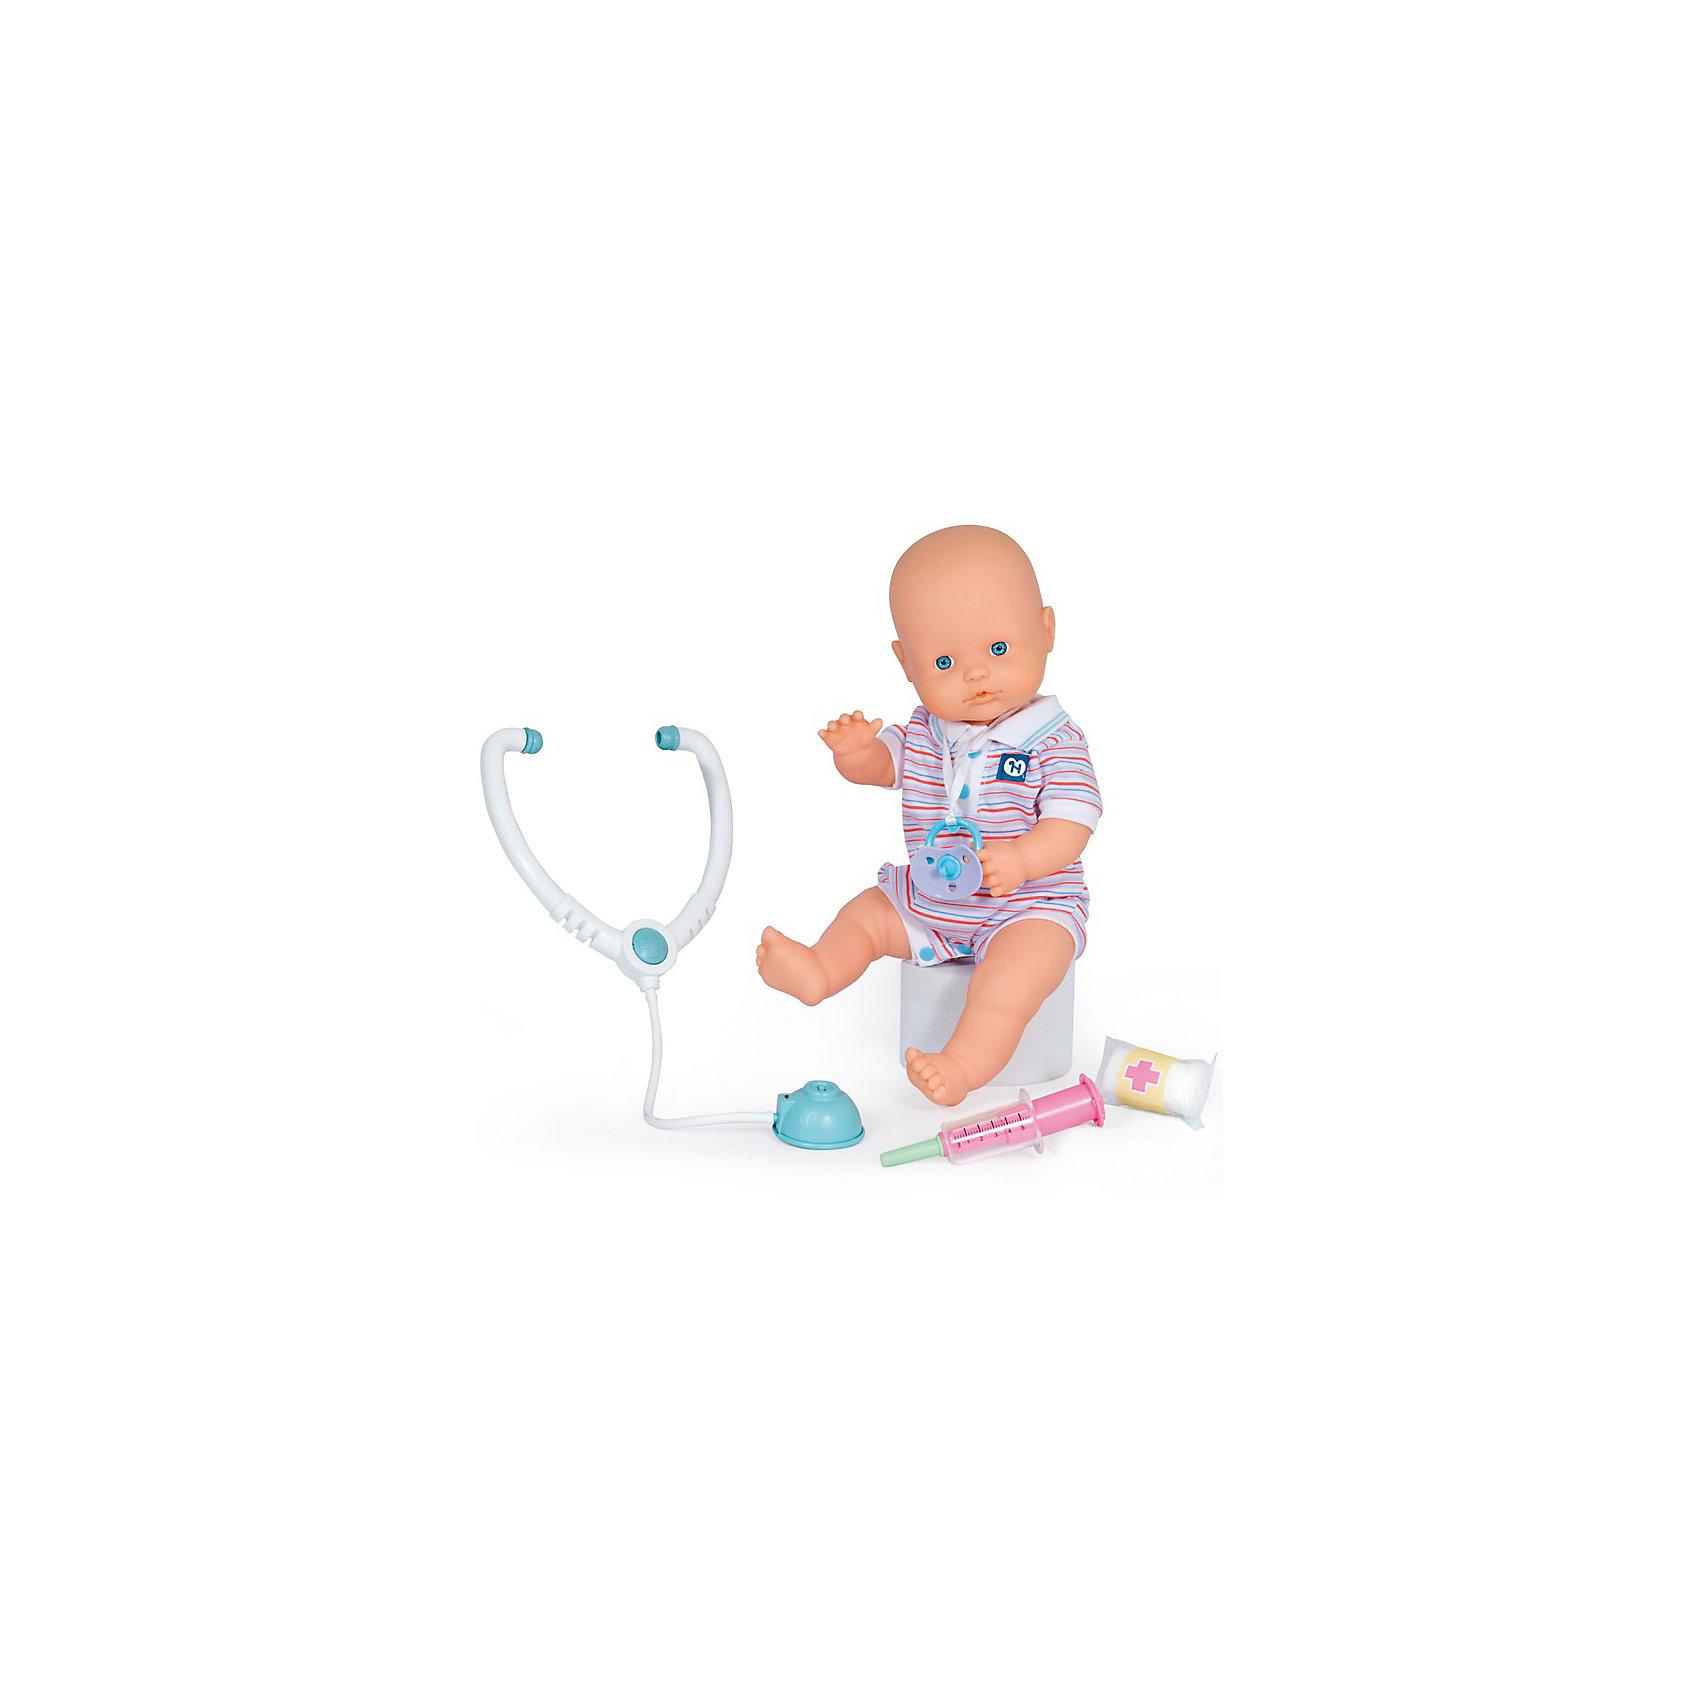 Famosa Пупс Ненуко (мальчик) и Медицинский набор